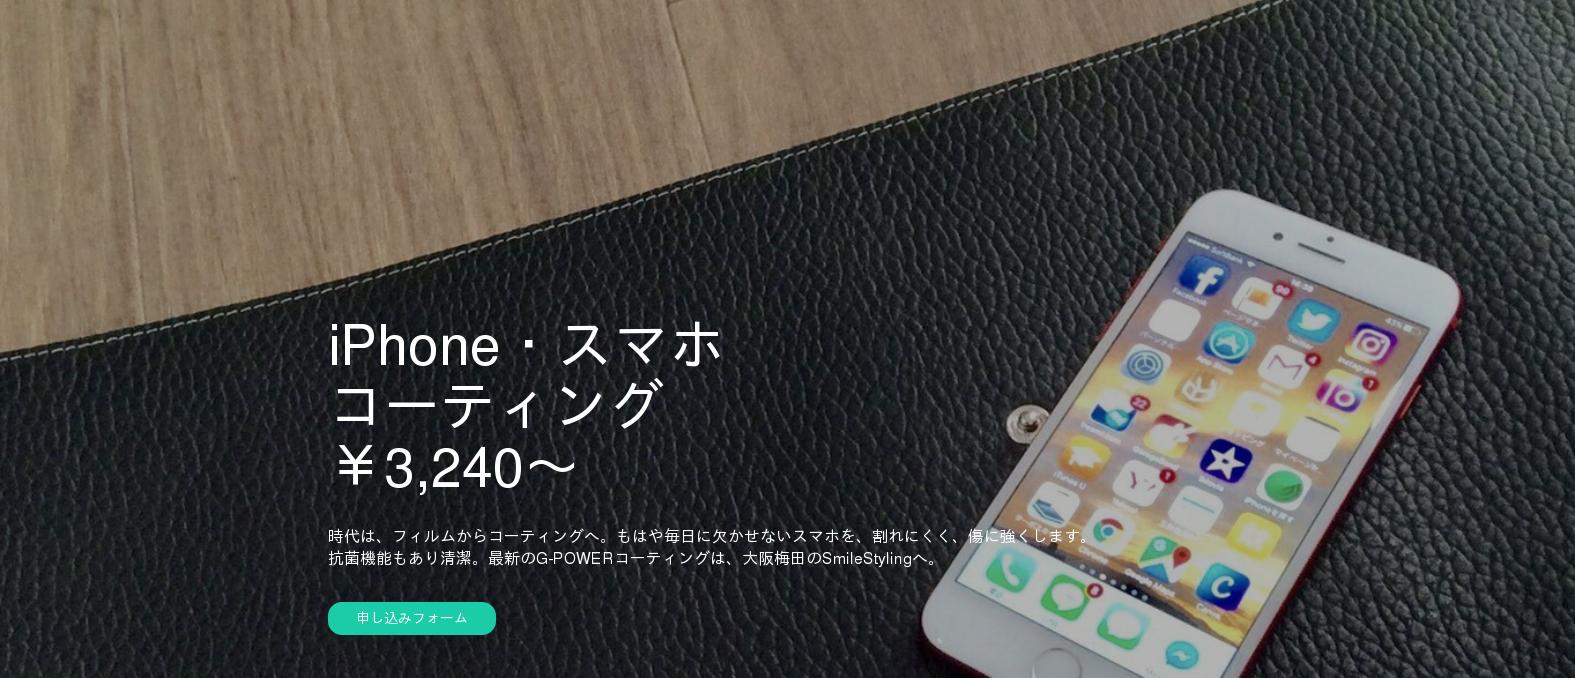 スマホコーティングマイスター大阪本町店| iPhone・スマホコーティング専門